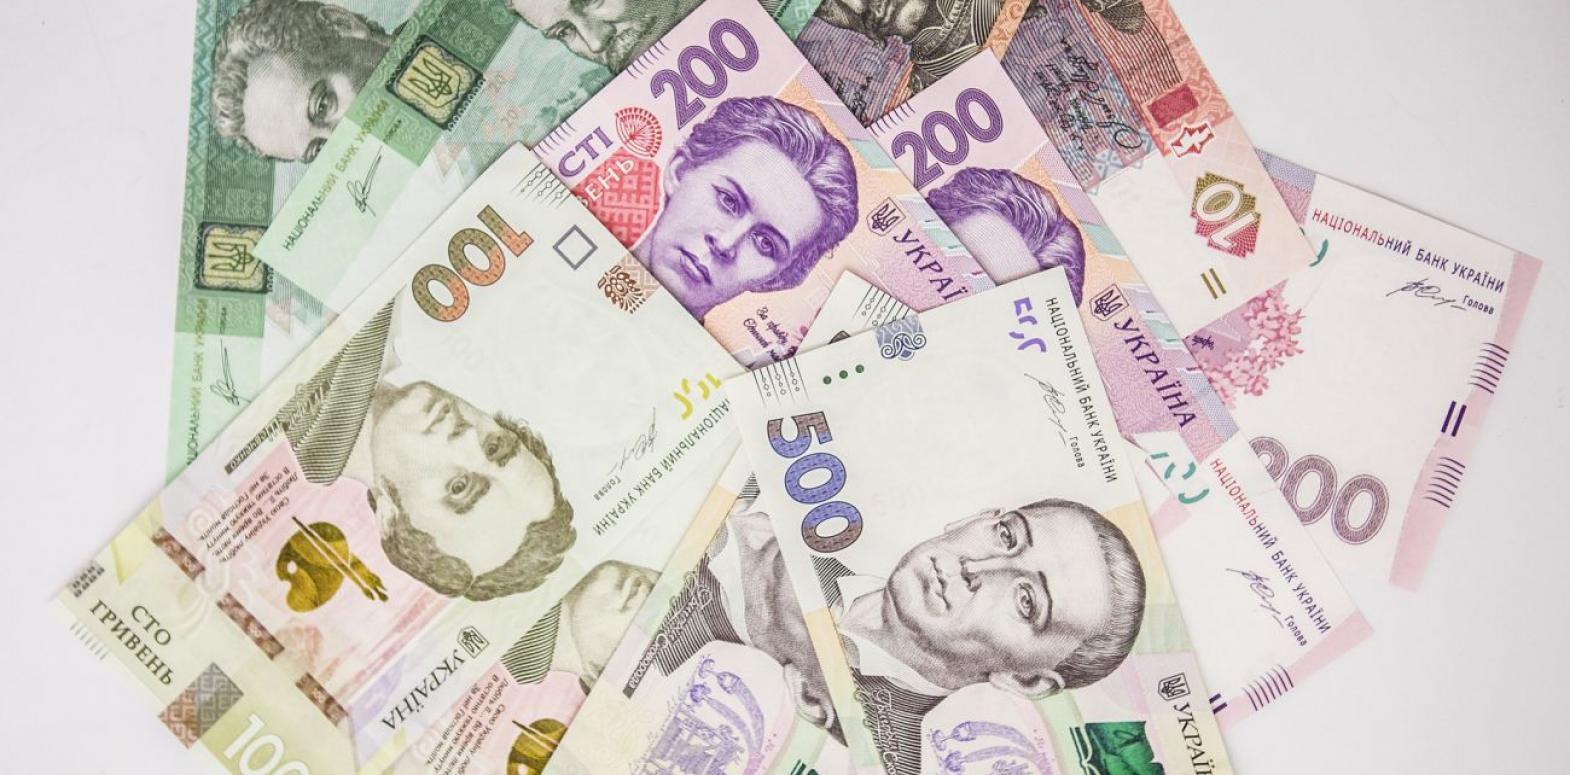 Финансовая разведка обнаружила подозрительные операции на 60,3 млрд гривен